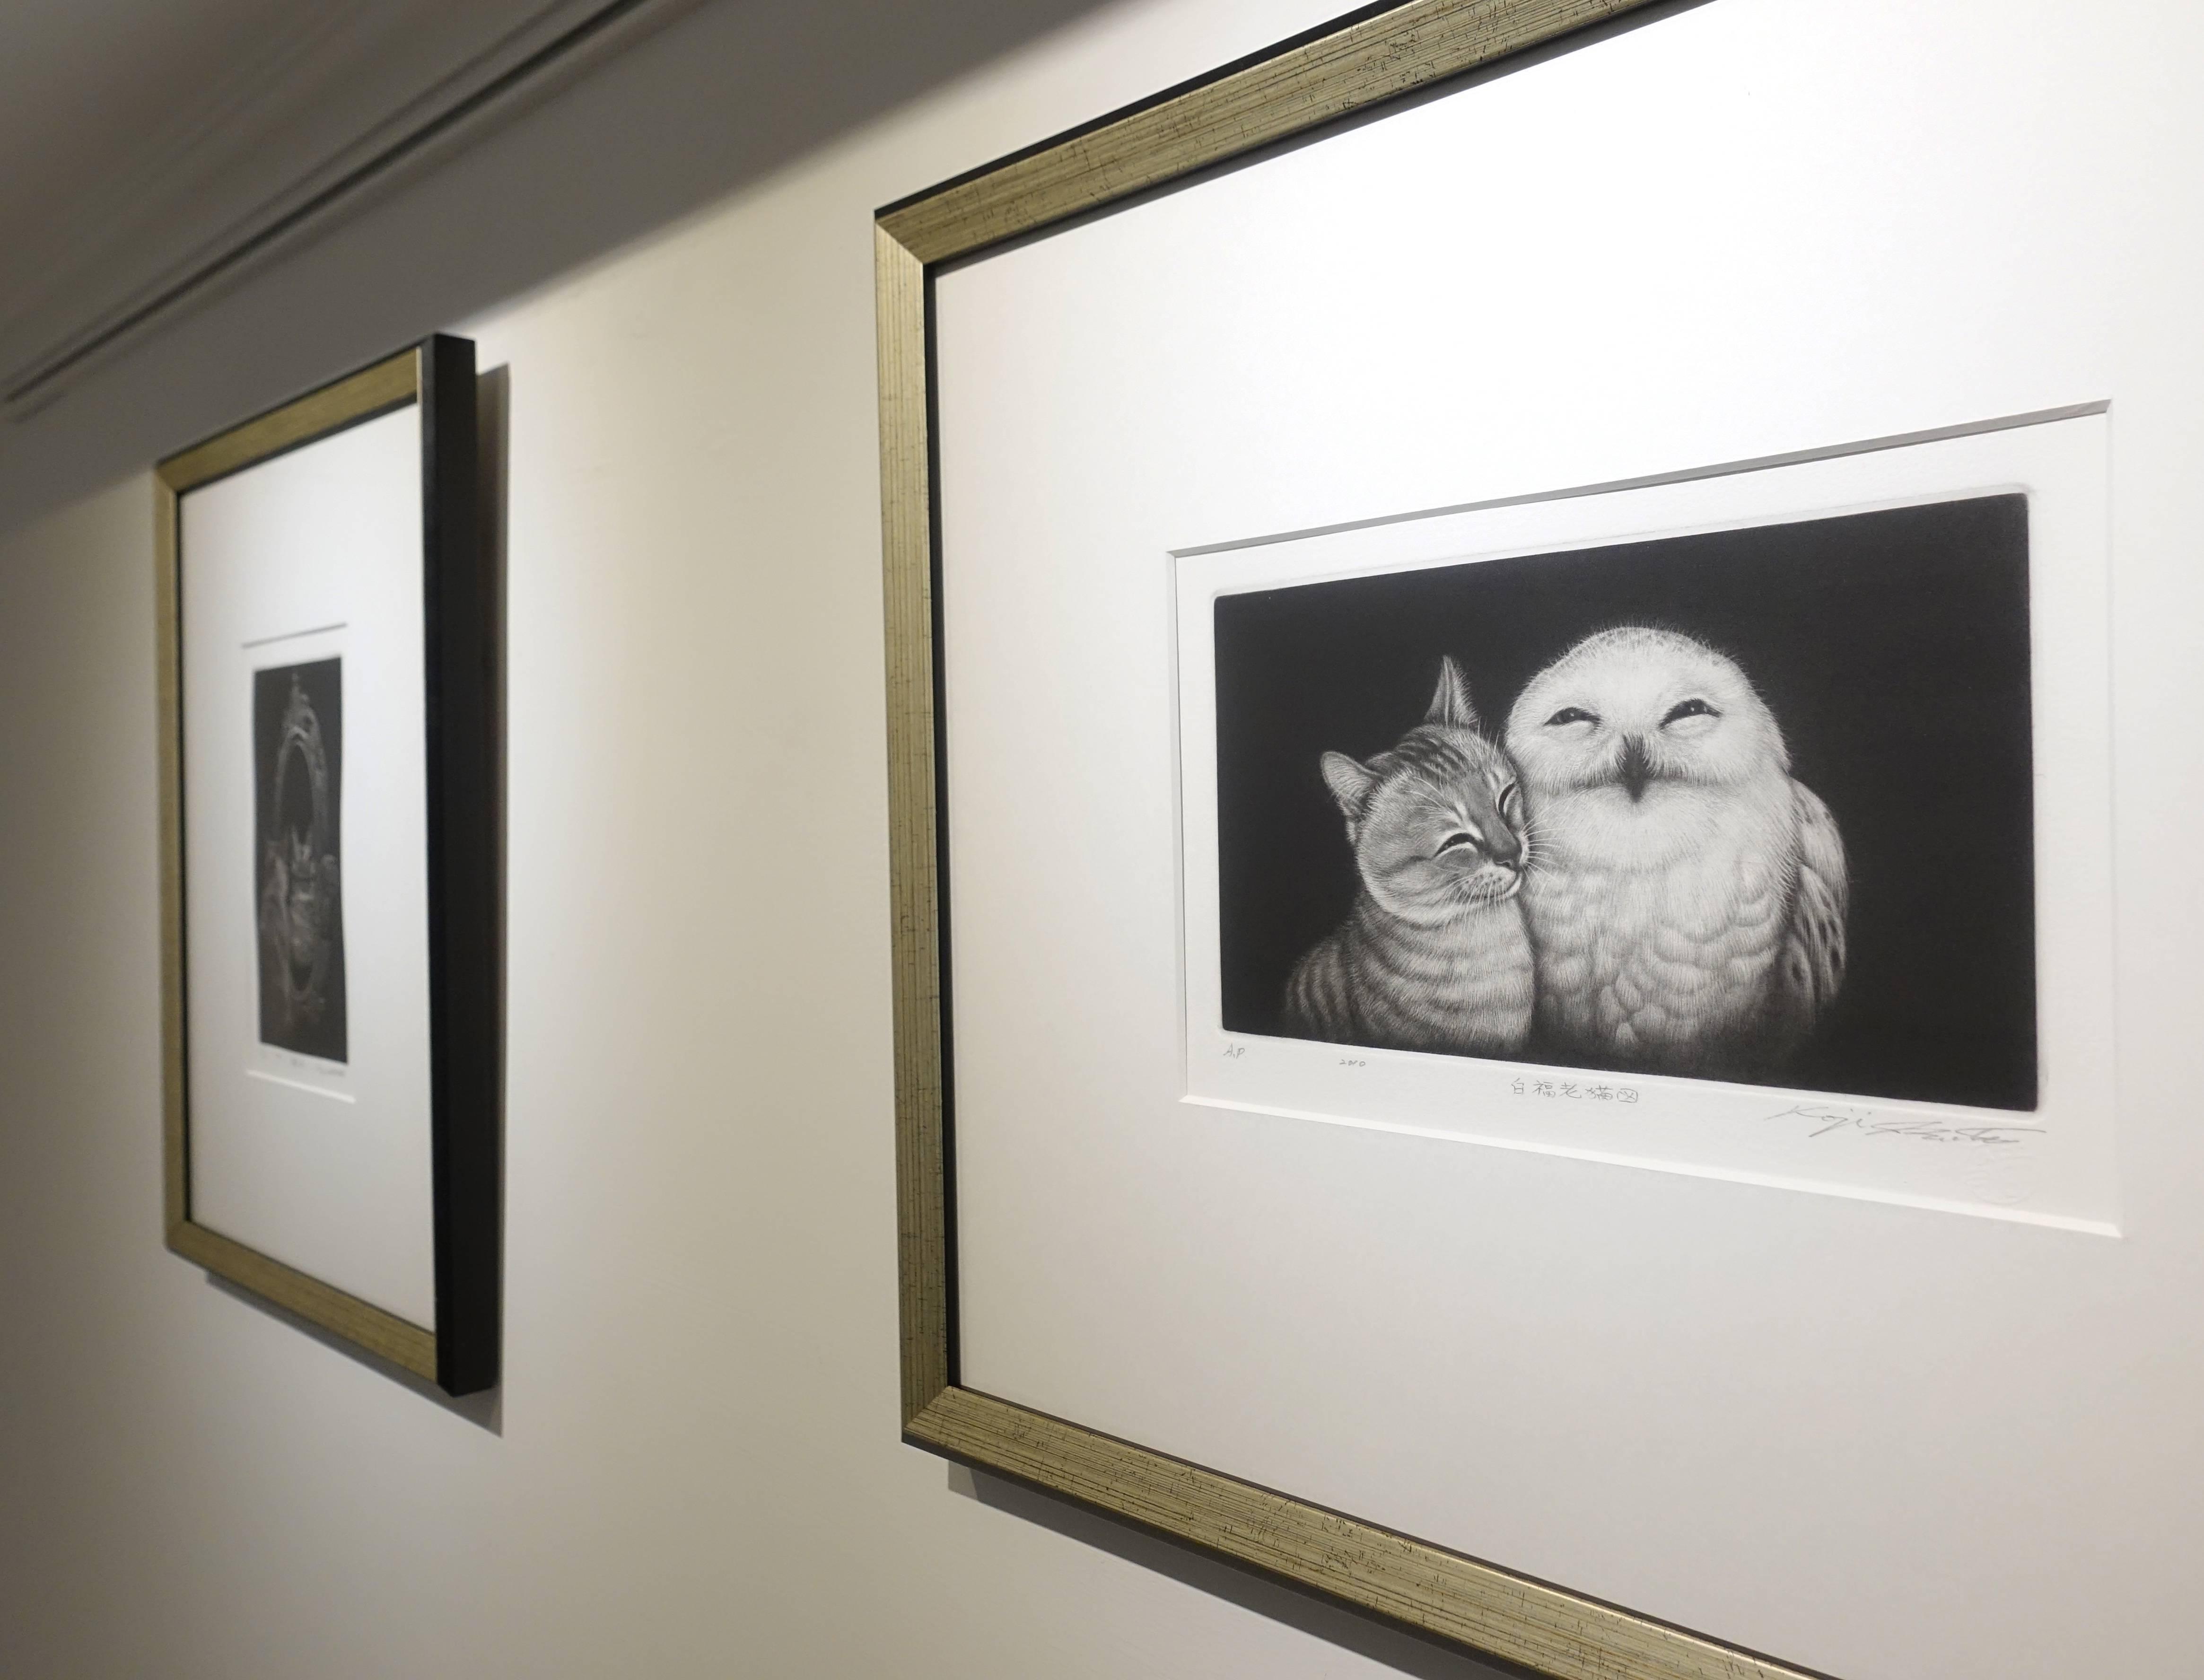 生田宏司,《貓頭鷹與貓圖》,美柔汀銅版,2010。